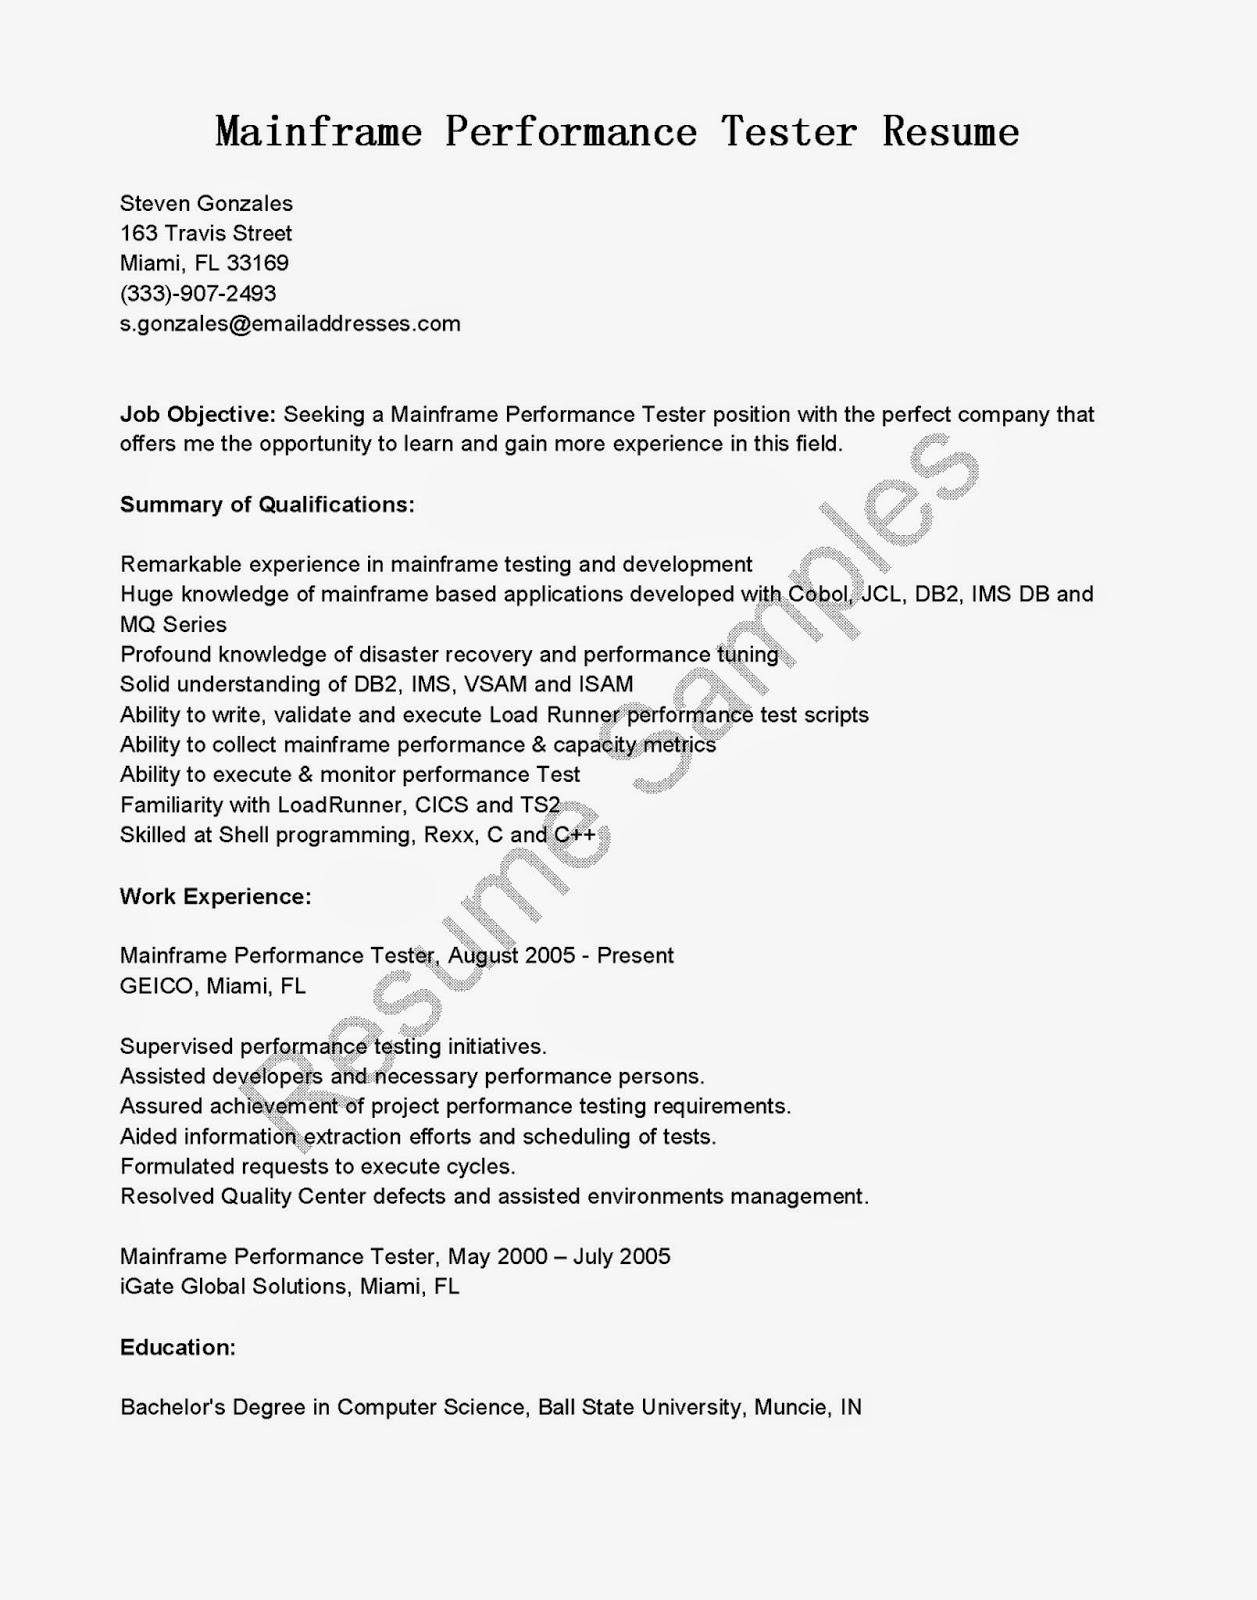 Mainframe Developer Resume Format June 2020